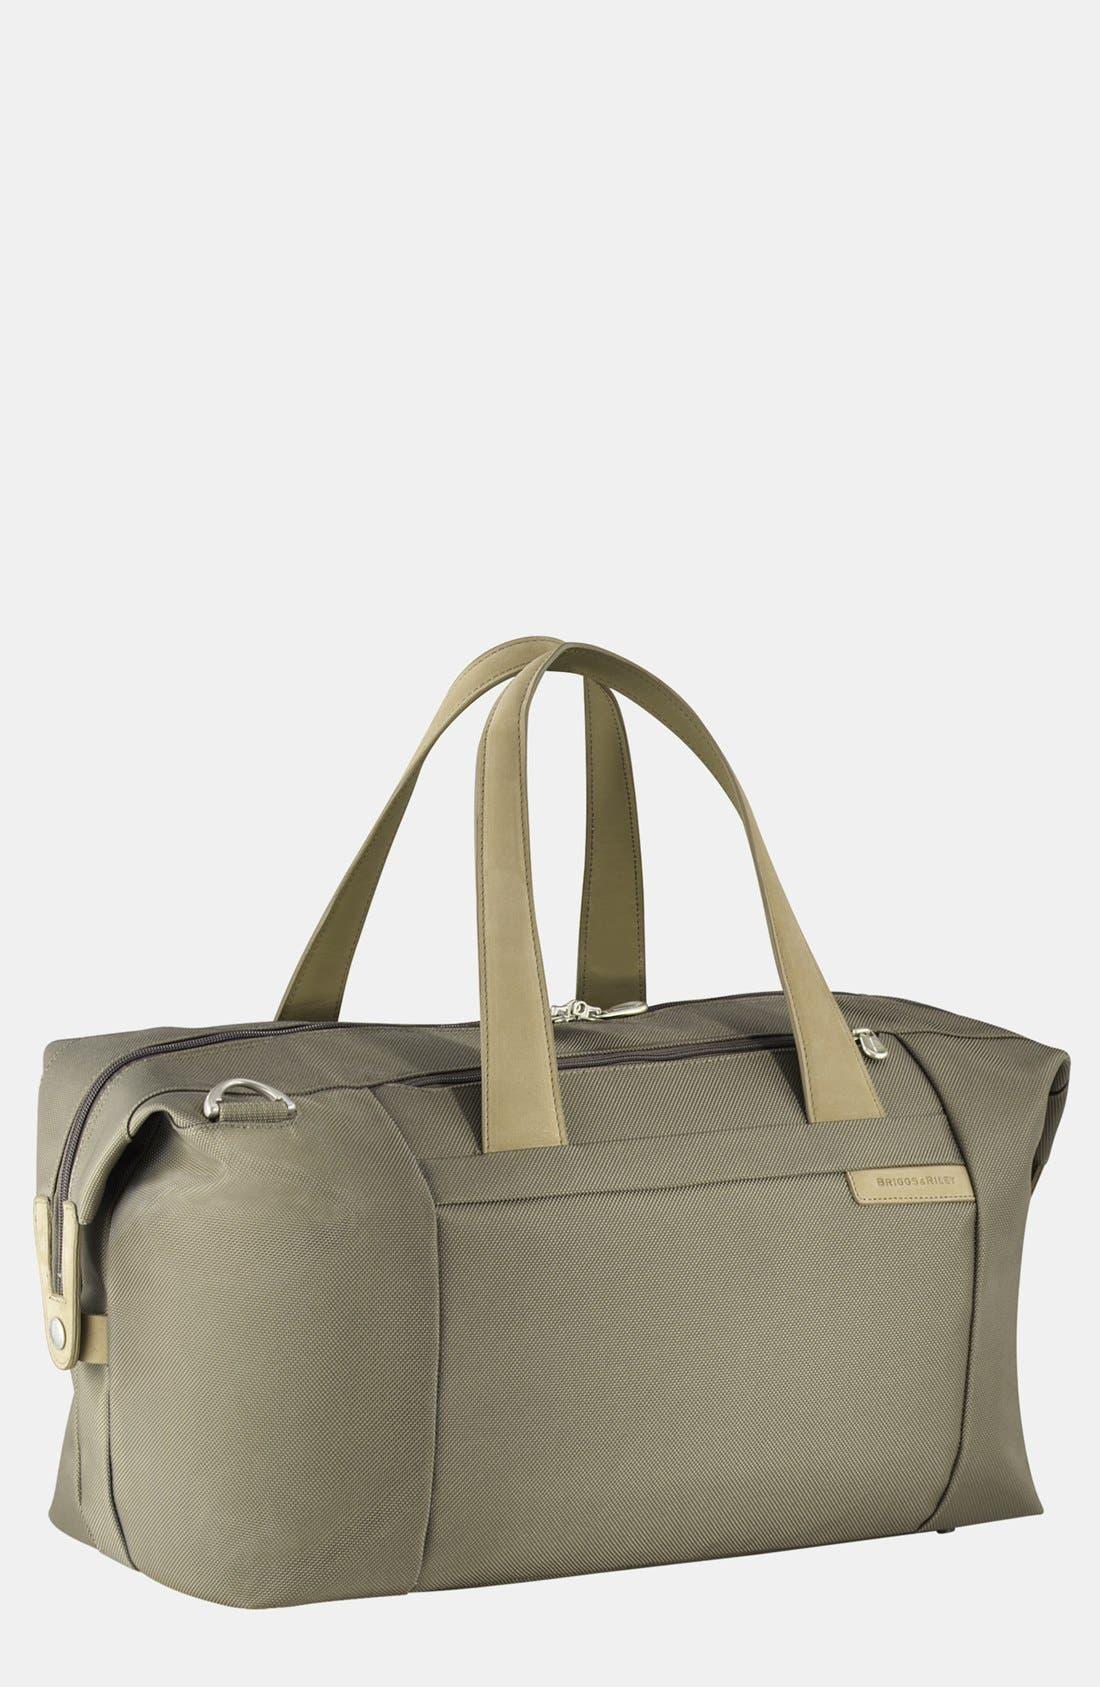 'Baseline' Duffel Bag,                             Main thumbnail 1, color,                             Olive